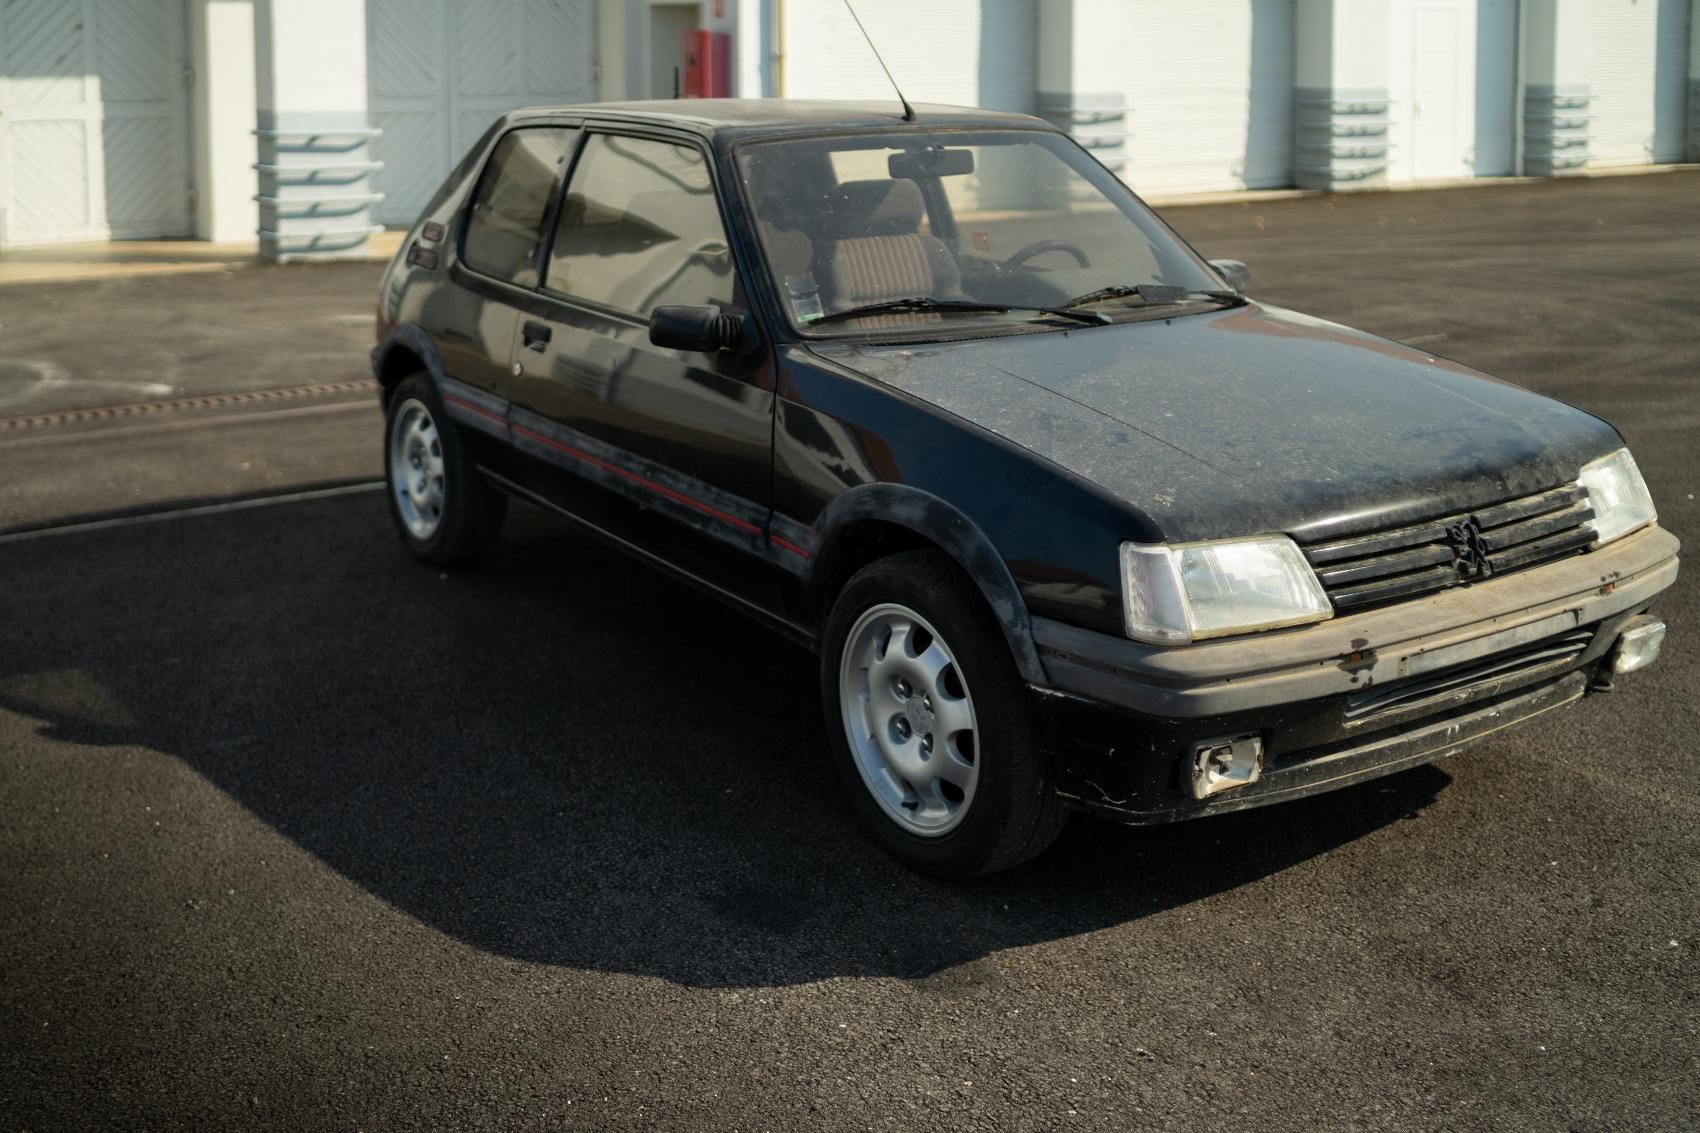 Peugeot začal reštaurovať a predávať staré autá. Začína modelom 205 GTi